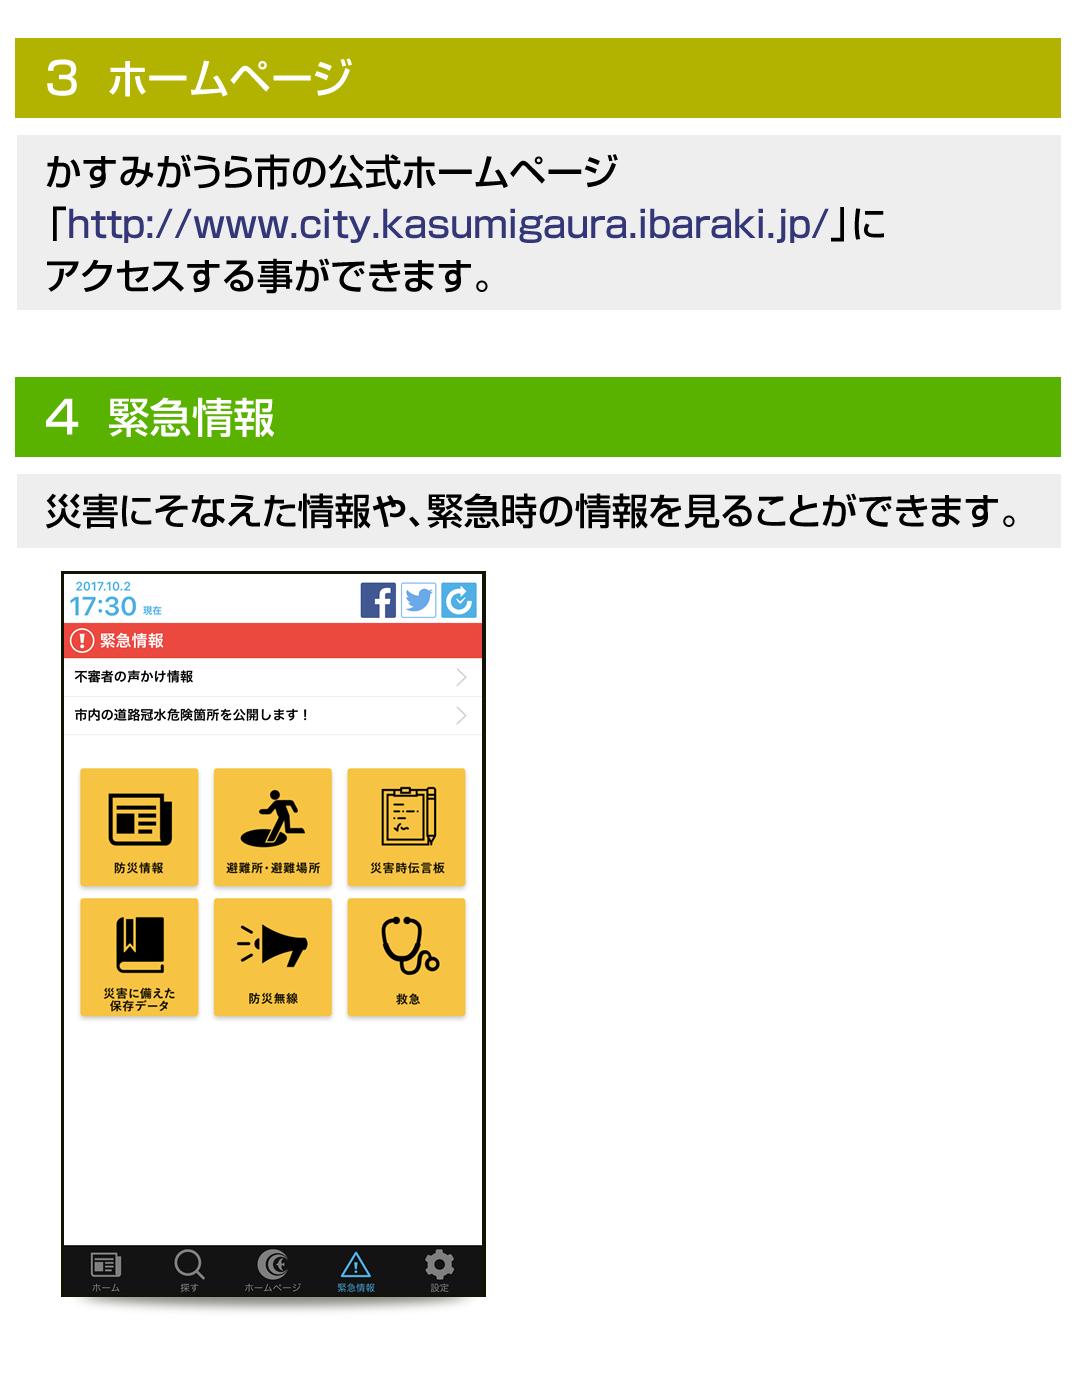 『かすみがうら市公式アプリマニュアル4』の画像